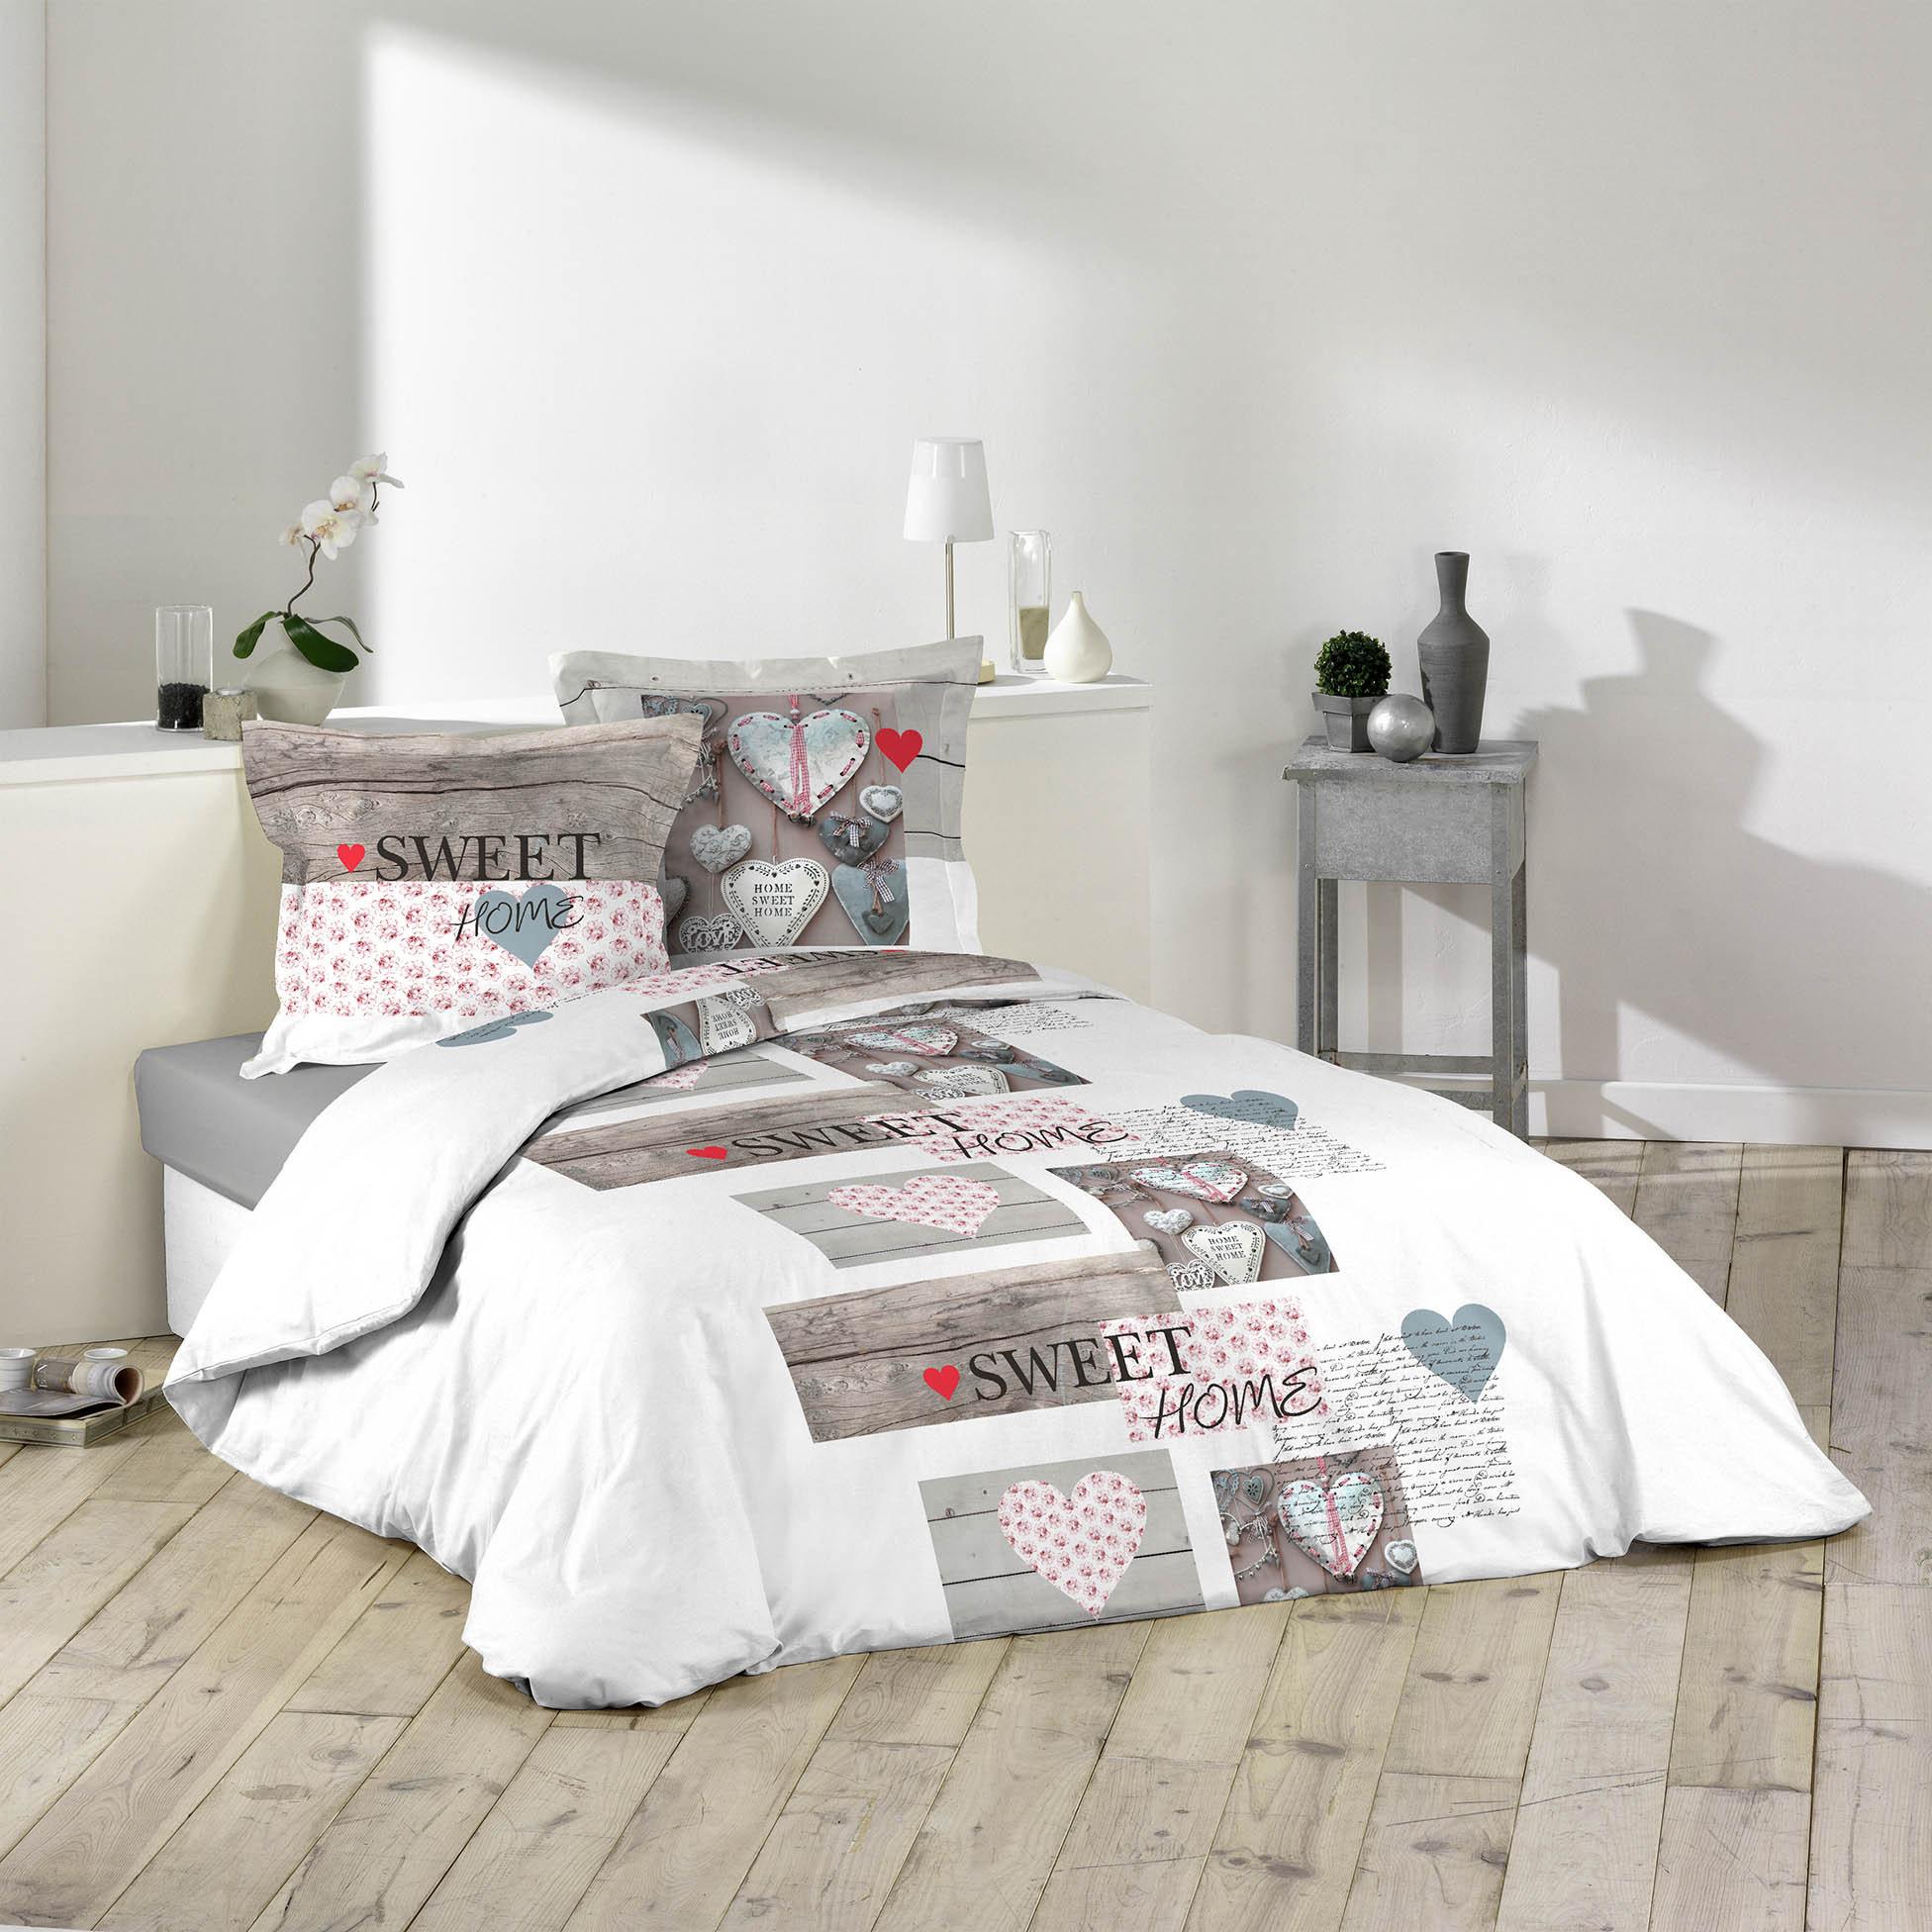 3tlg landhaus bettw sche 240x220 baumwolle bettdecke bergr e bettgarnitur 4059865005466 ebay. Black Bedroom Furniture Sets. Home Design Ideas